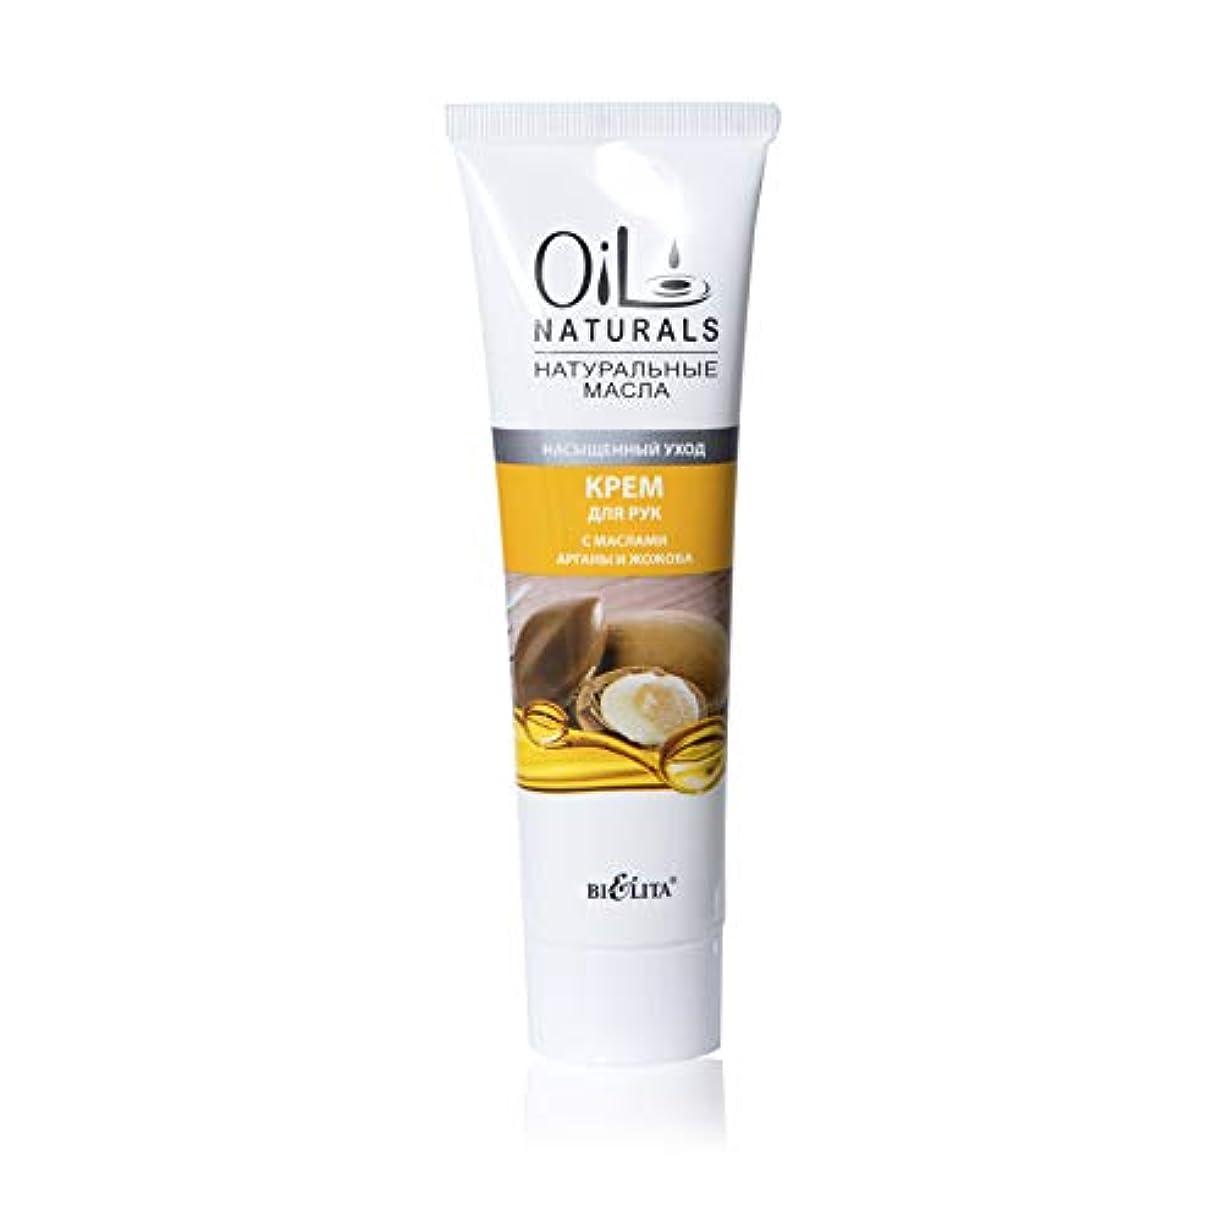 オーディションペルセウス災害Bielita & Vitex Oil Naturals Line | Saturate Care Hand Cream, 100 ml | Argan Oil, Silk Proteins, Jojoba Oil, Vitamins